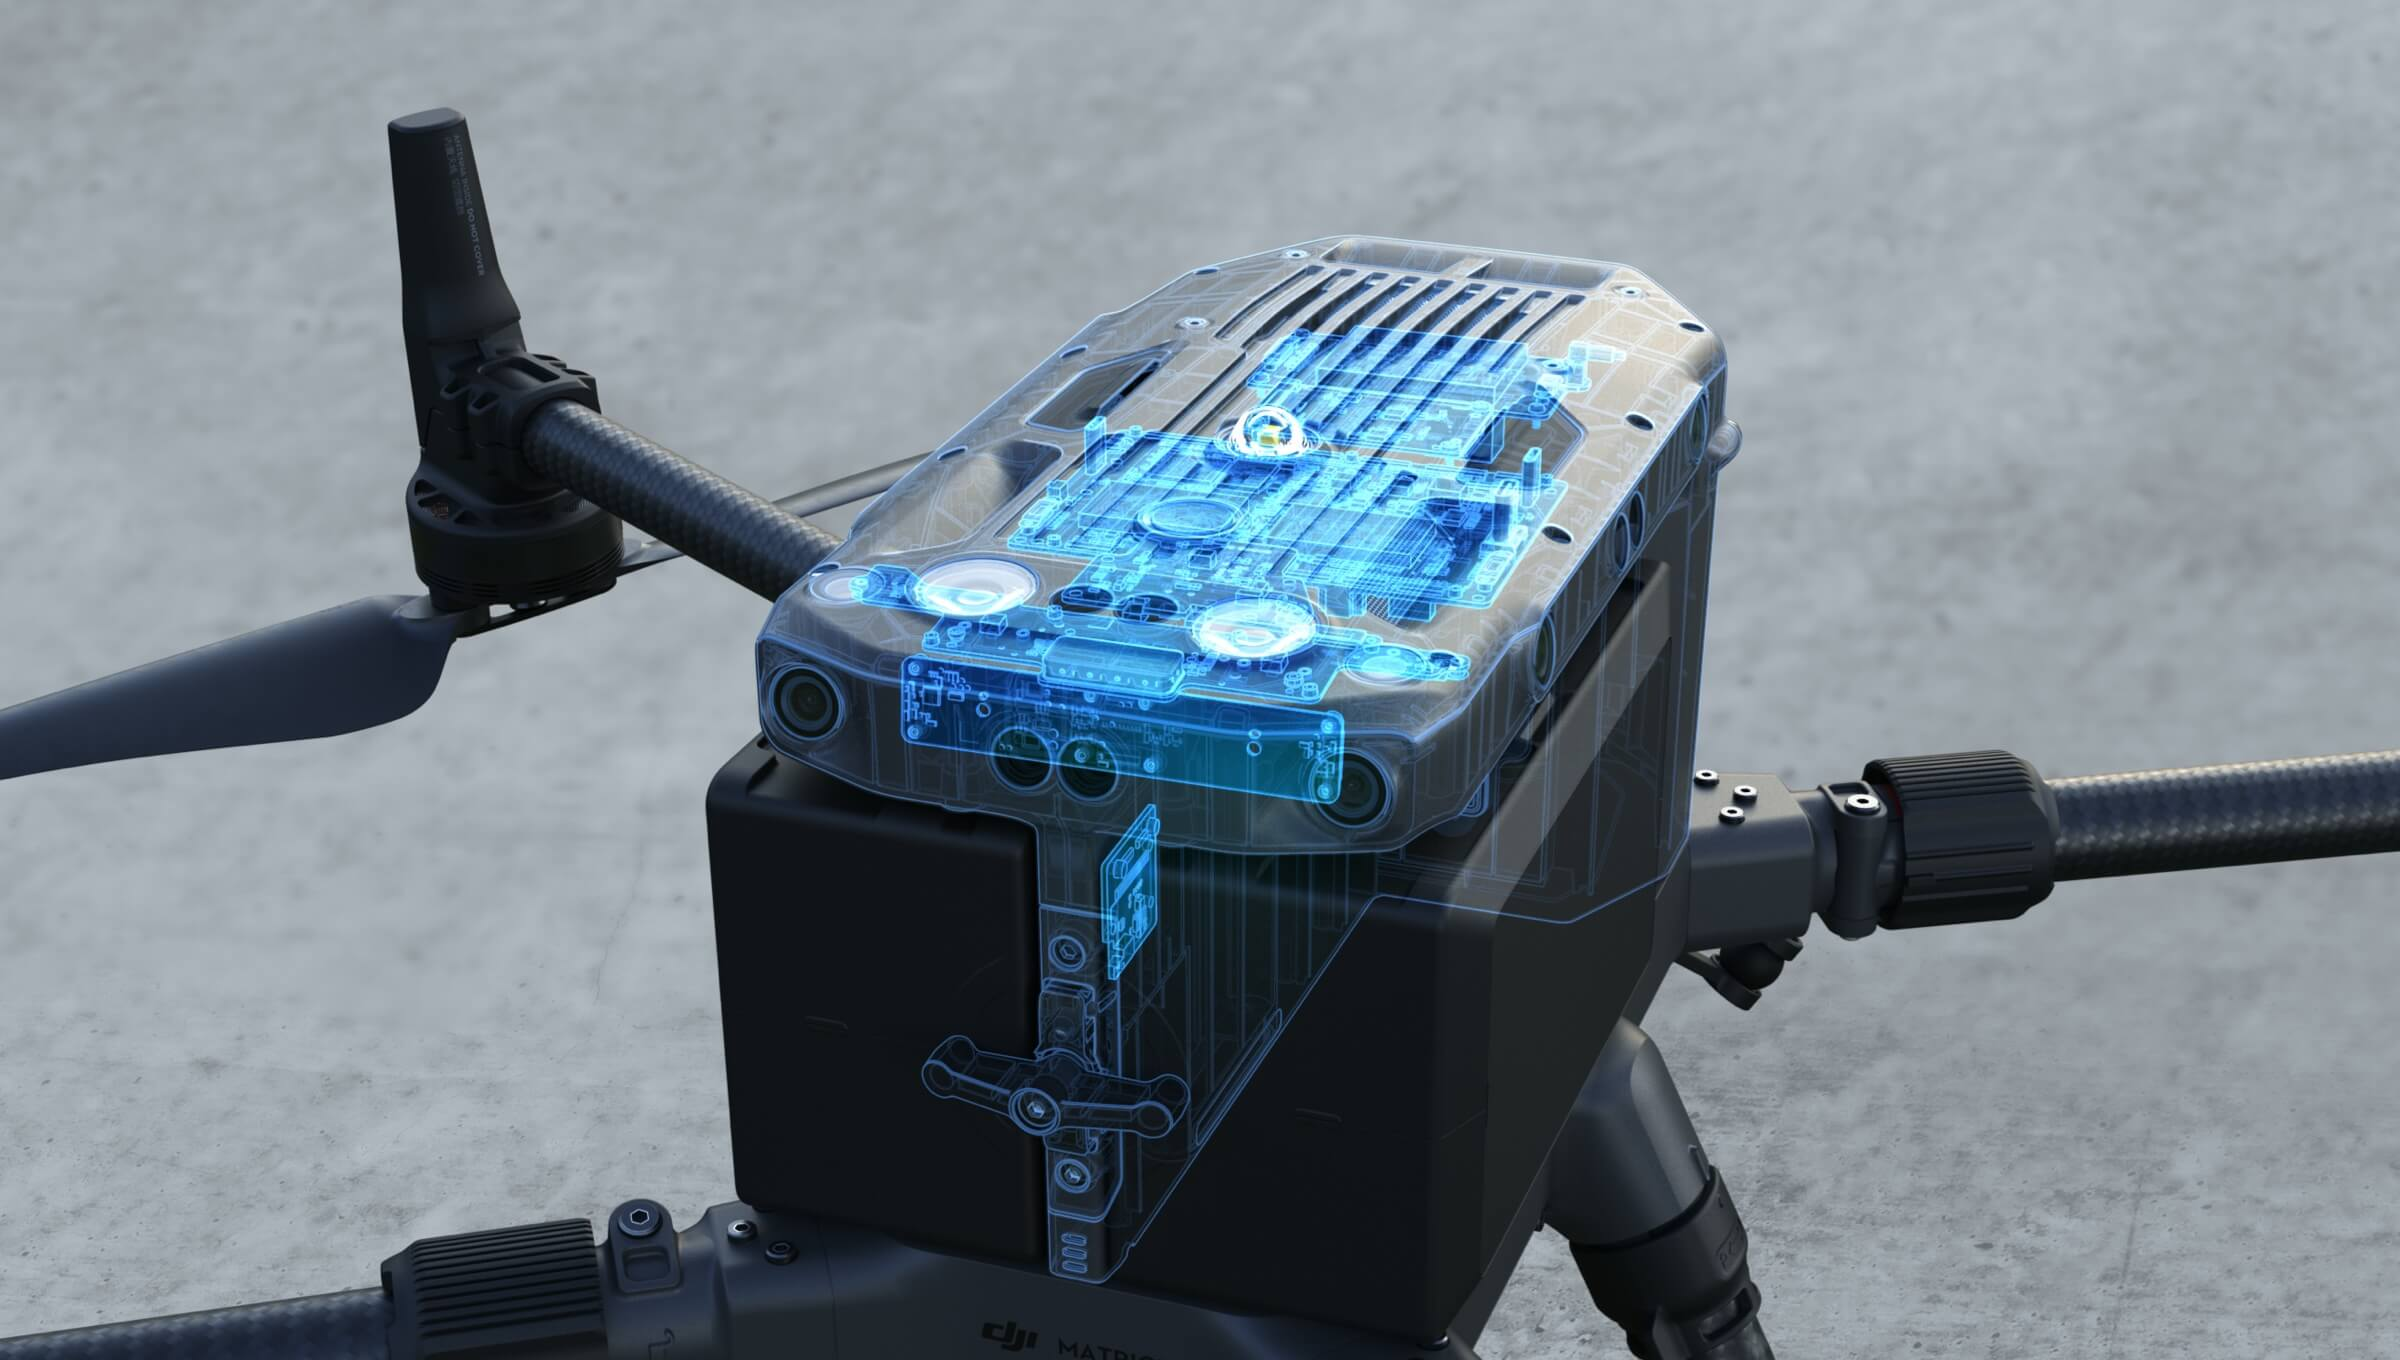 DJI M300 RTK Drone